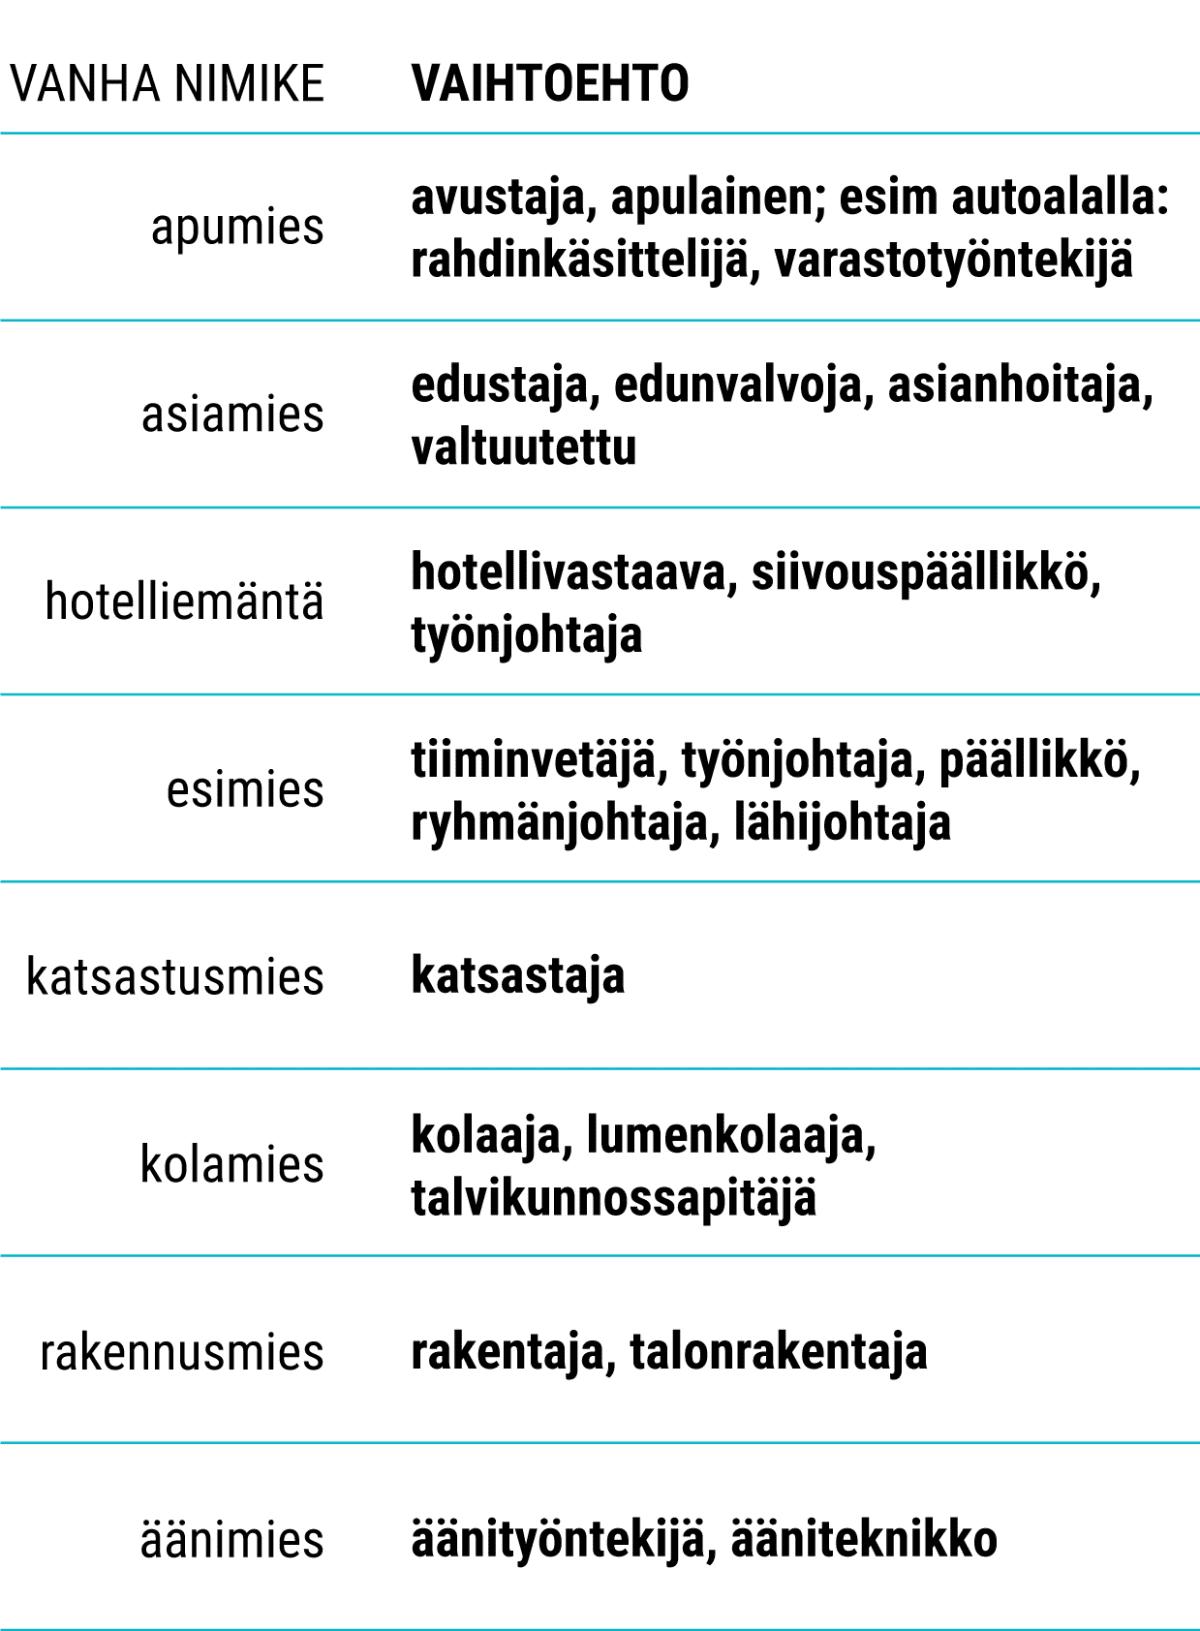 Taulukko: Sukupuolineutraalit ammattinimekkeet